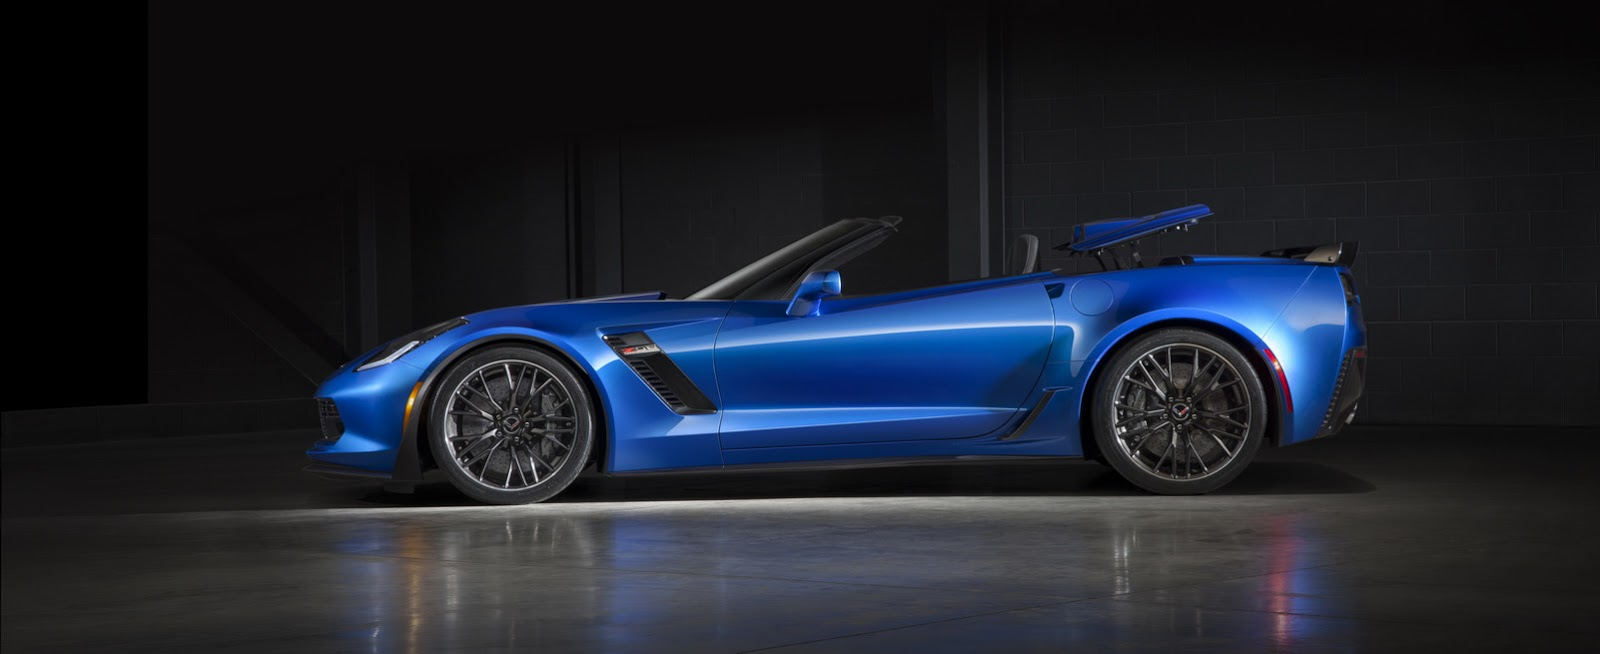 Los propietarios de un Corvette prefieren la caja automática: Sólo un 23% eligen la caja manual 1